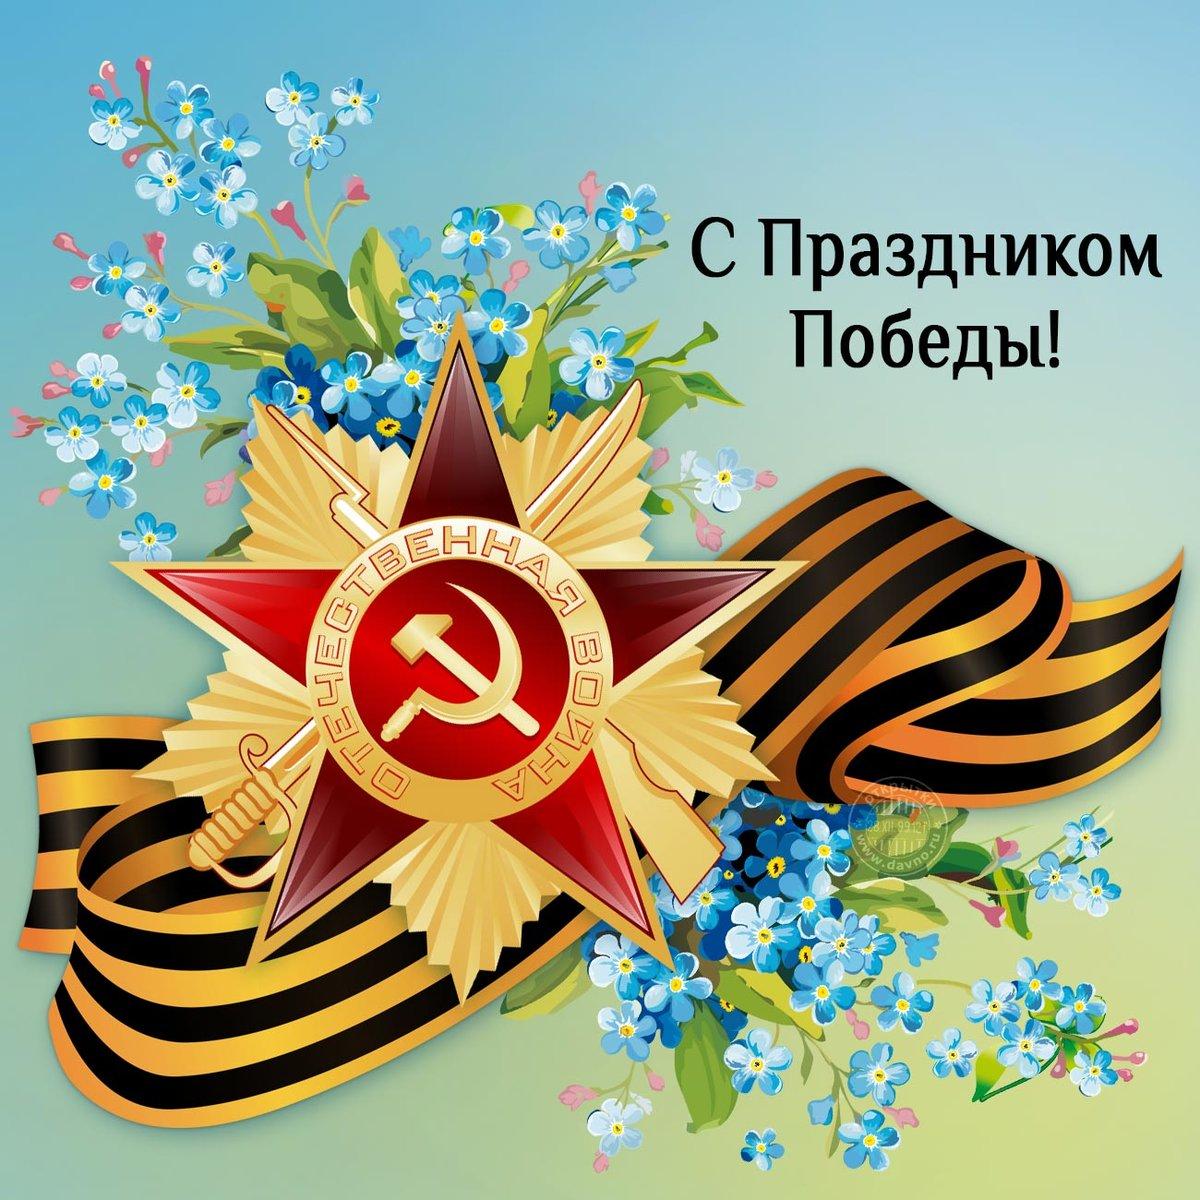 Поздравление в победой 9 мая